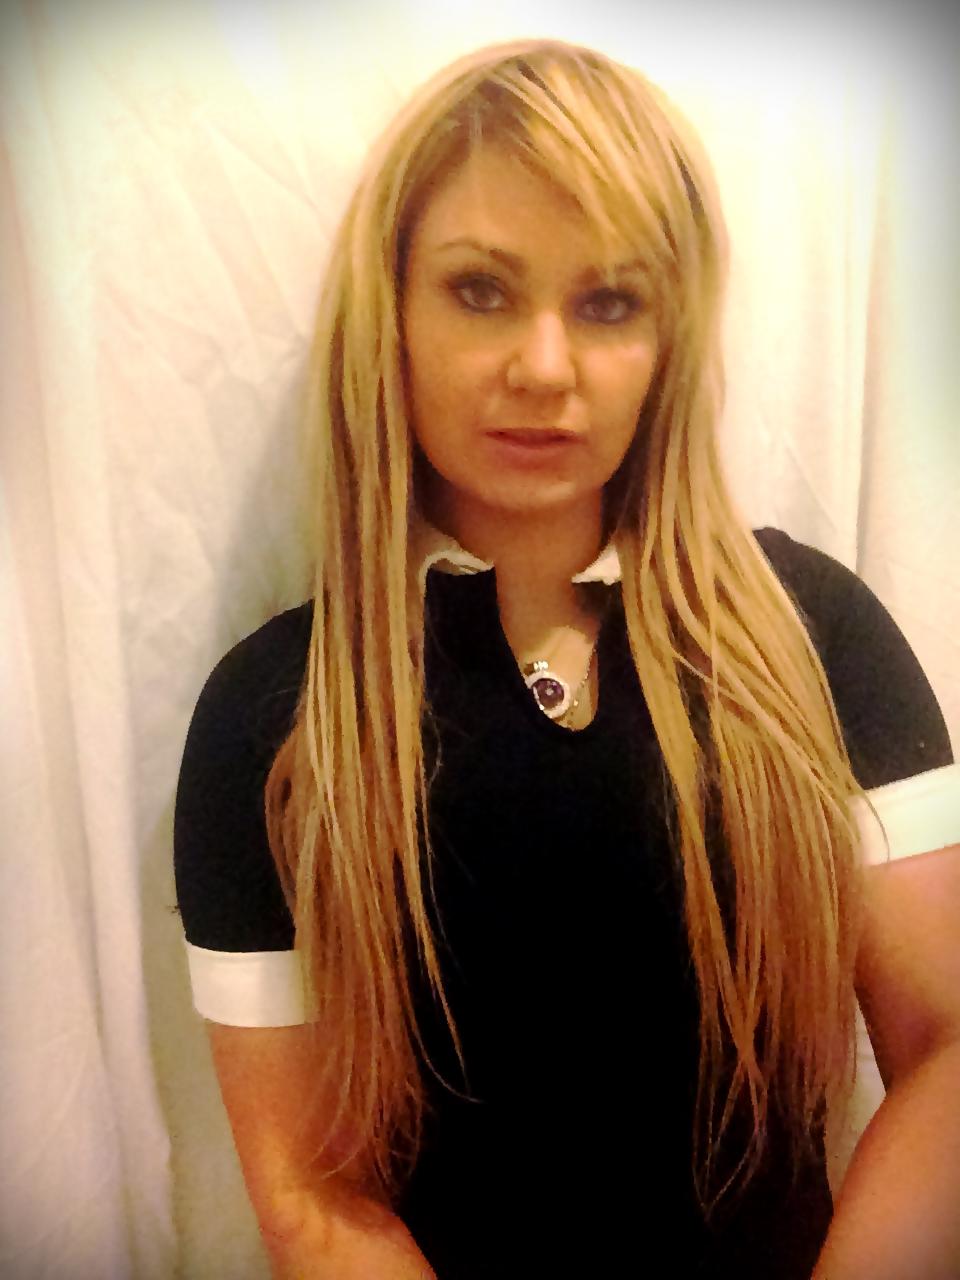 Charlene_Portrait_10216_(2).JPG